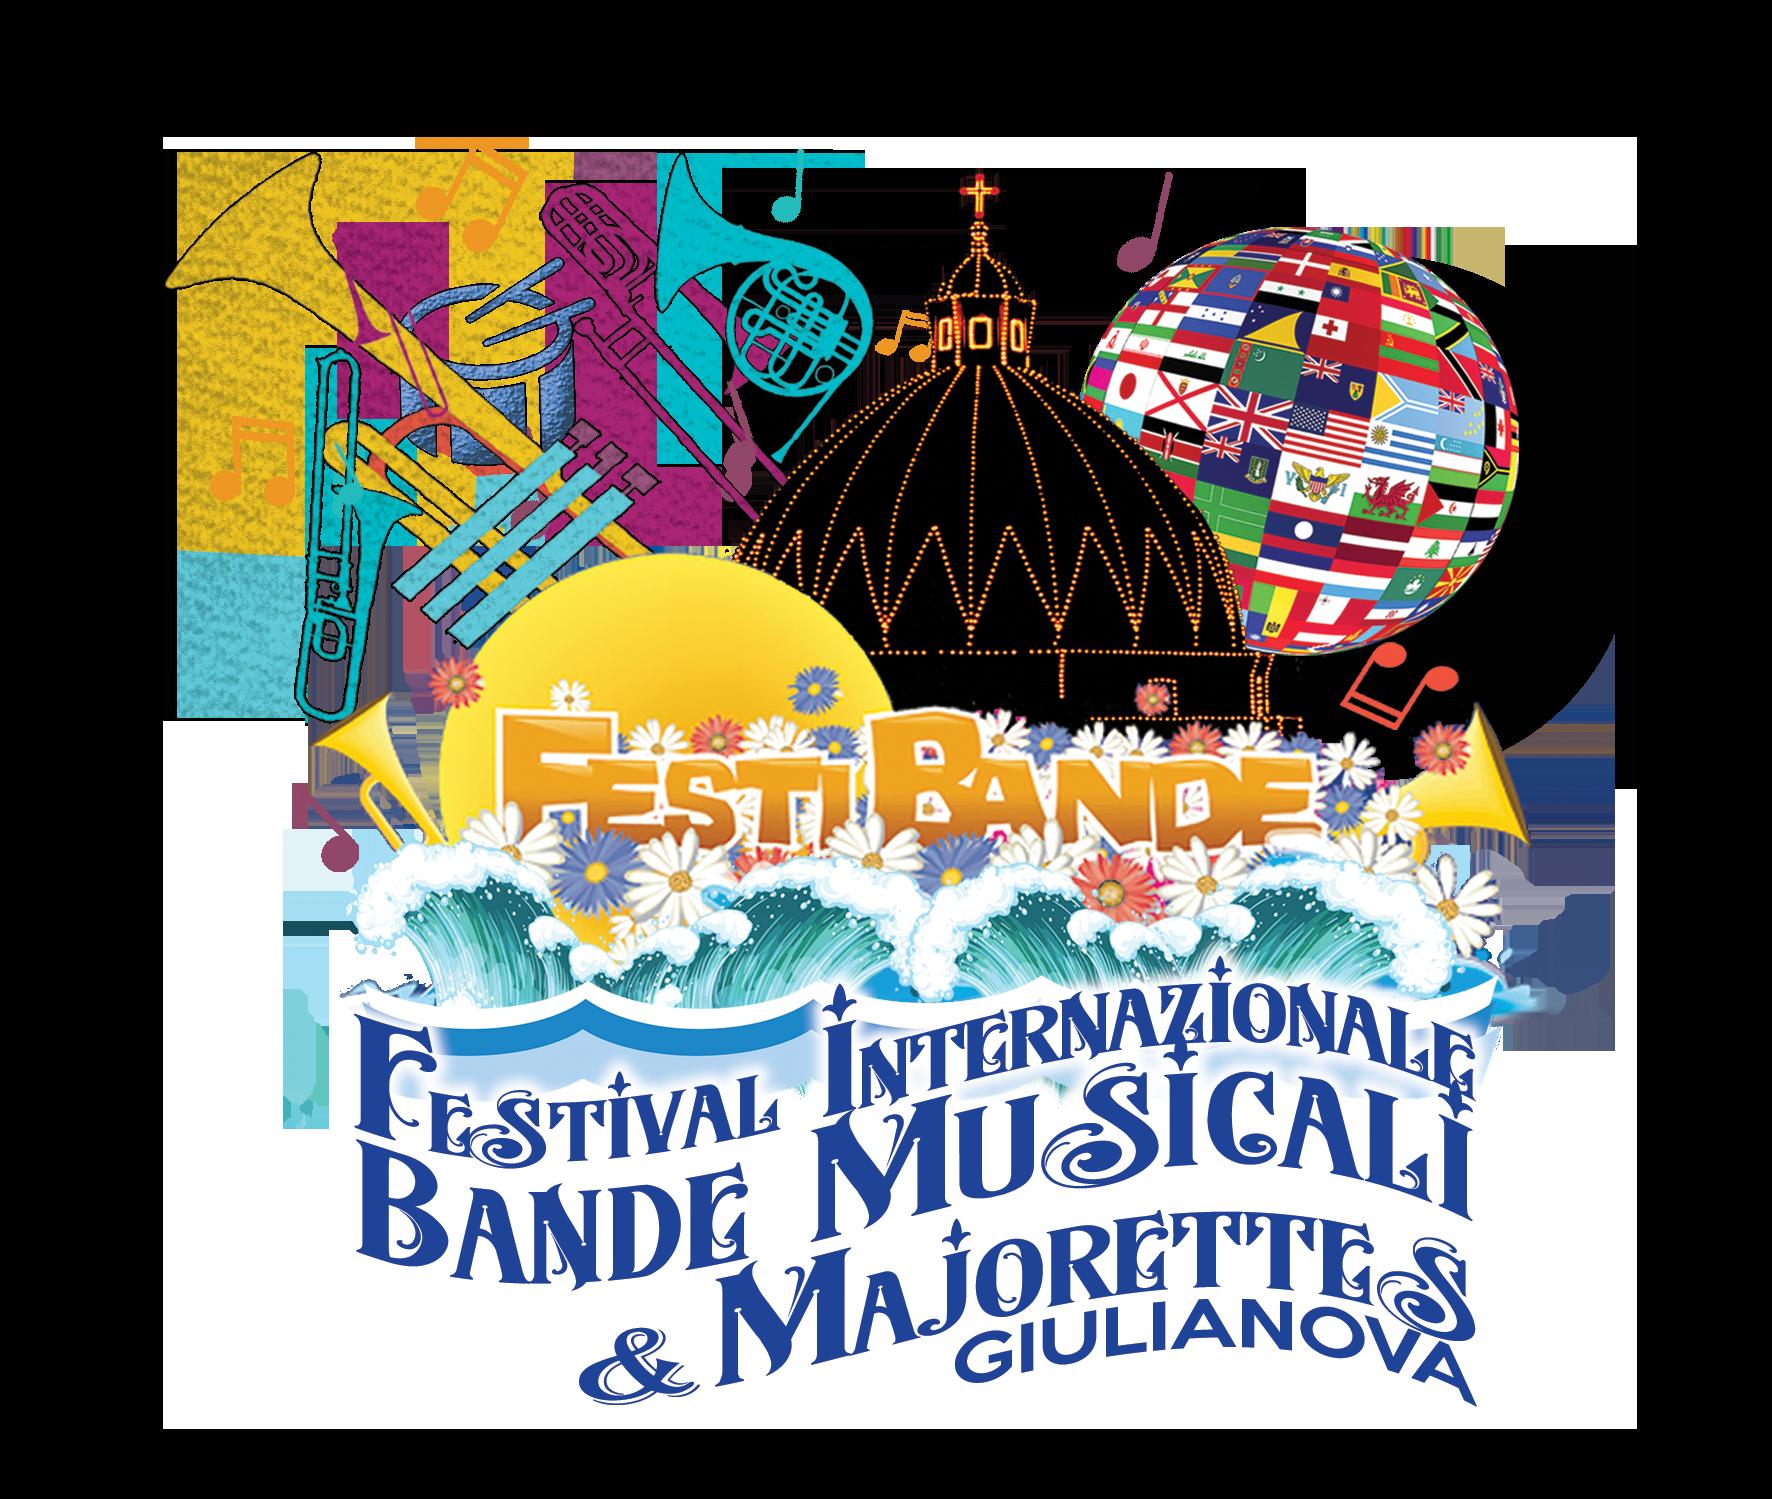 Festival Internazionale Bande Musicali - Giulianova